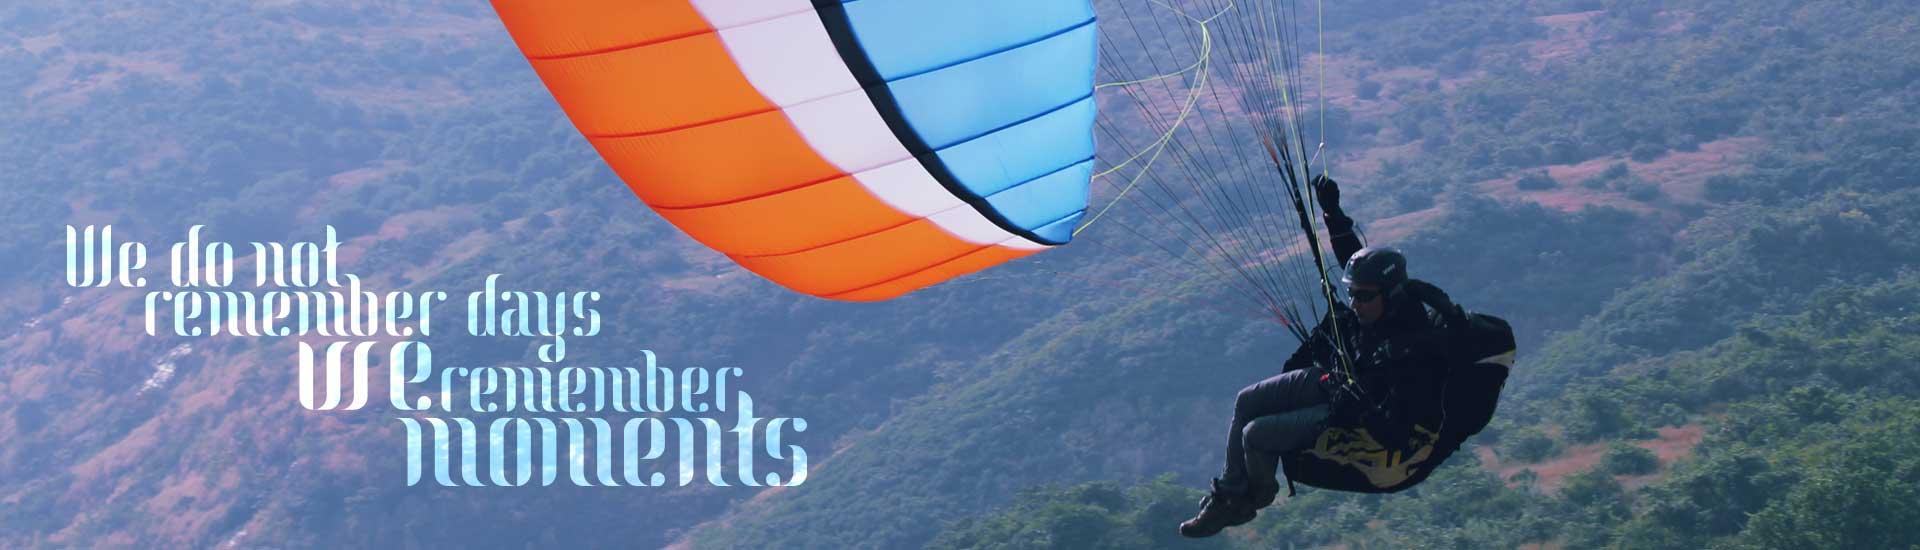 Paragliding Courses Kamshet - Temple Pilots